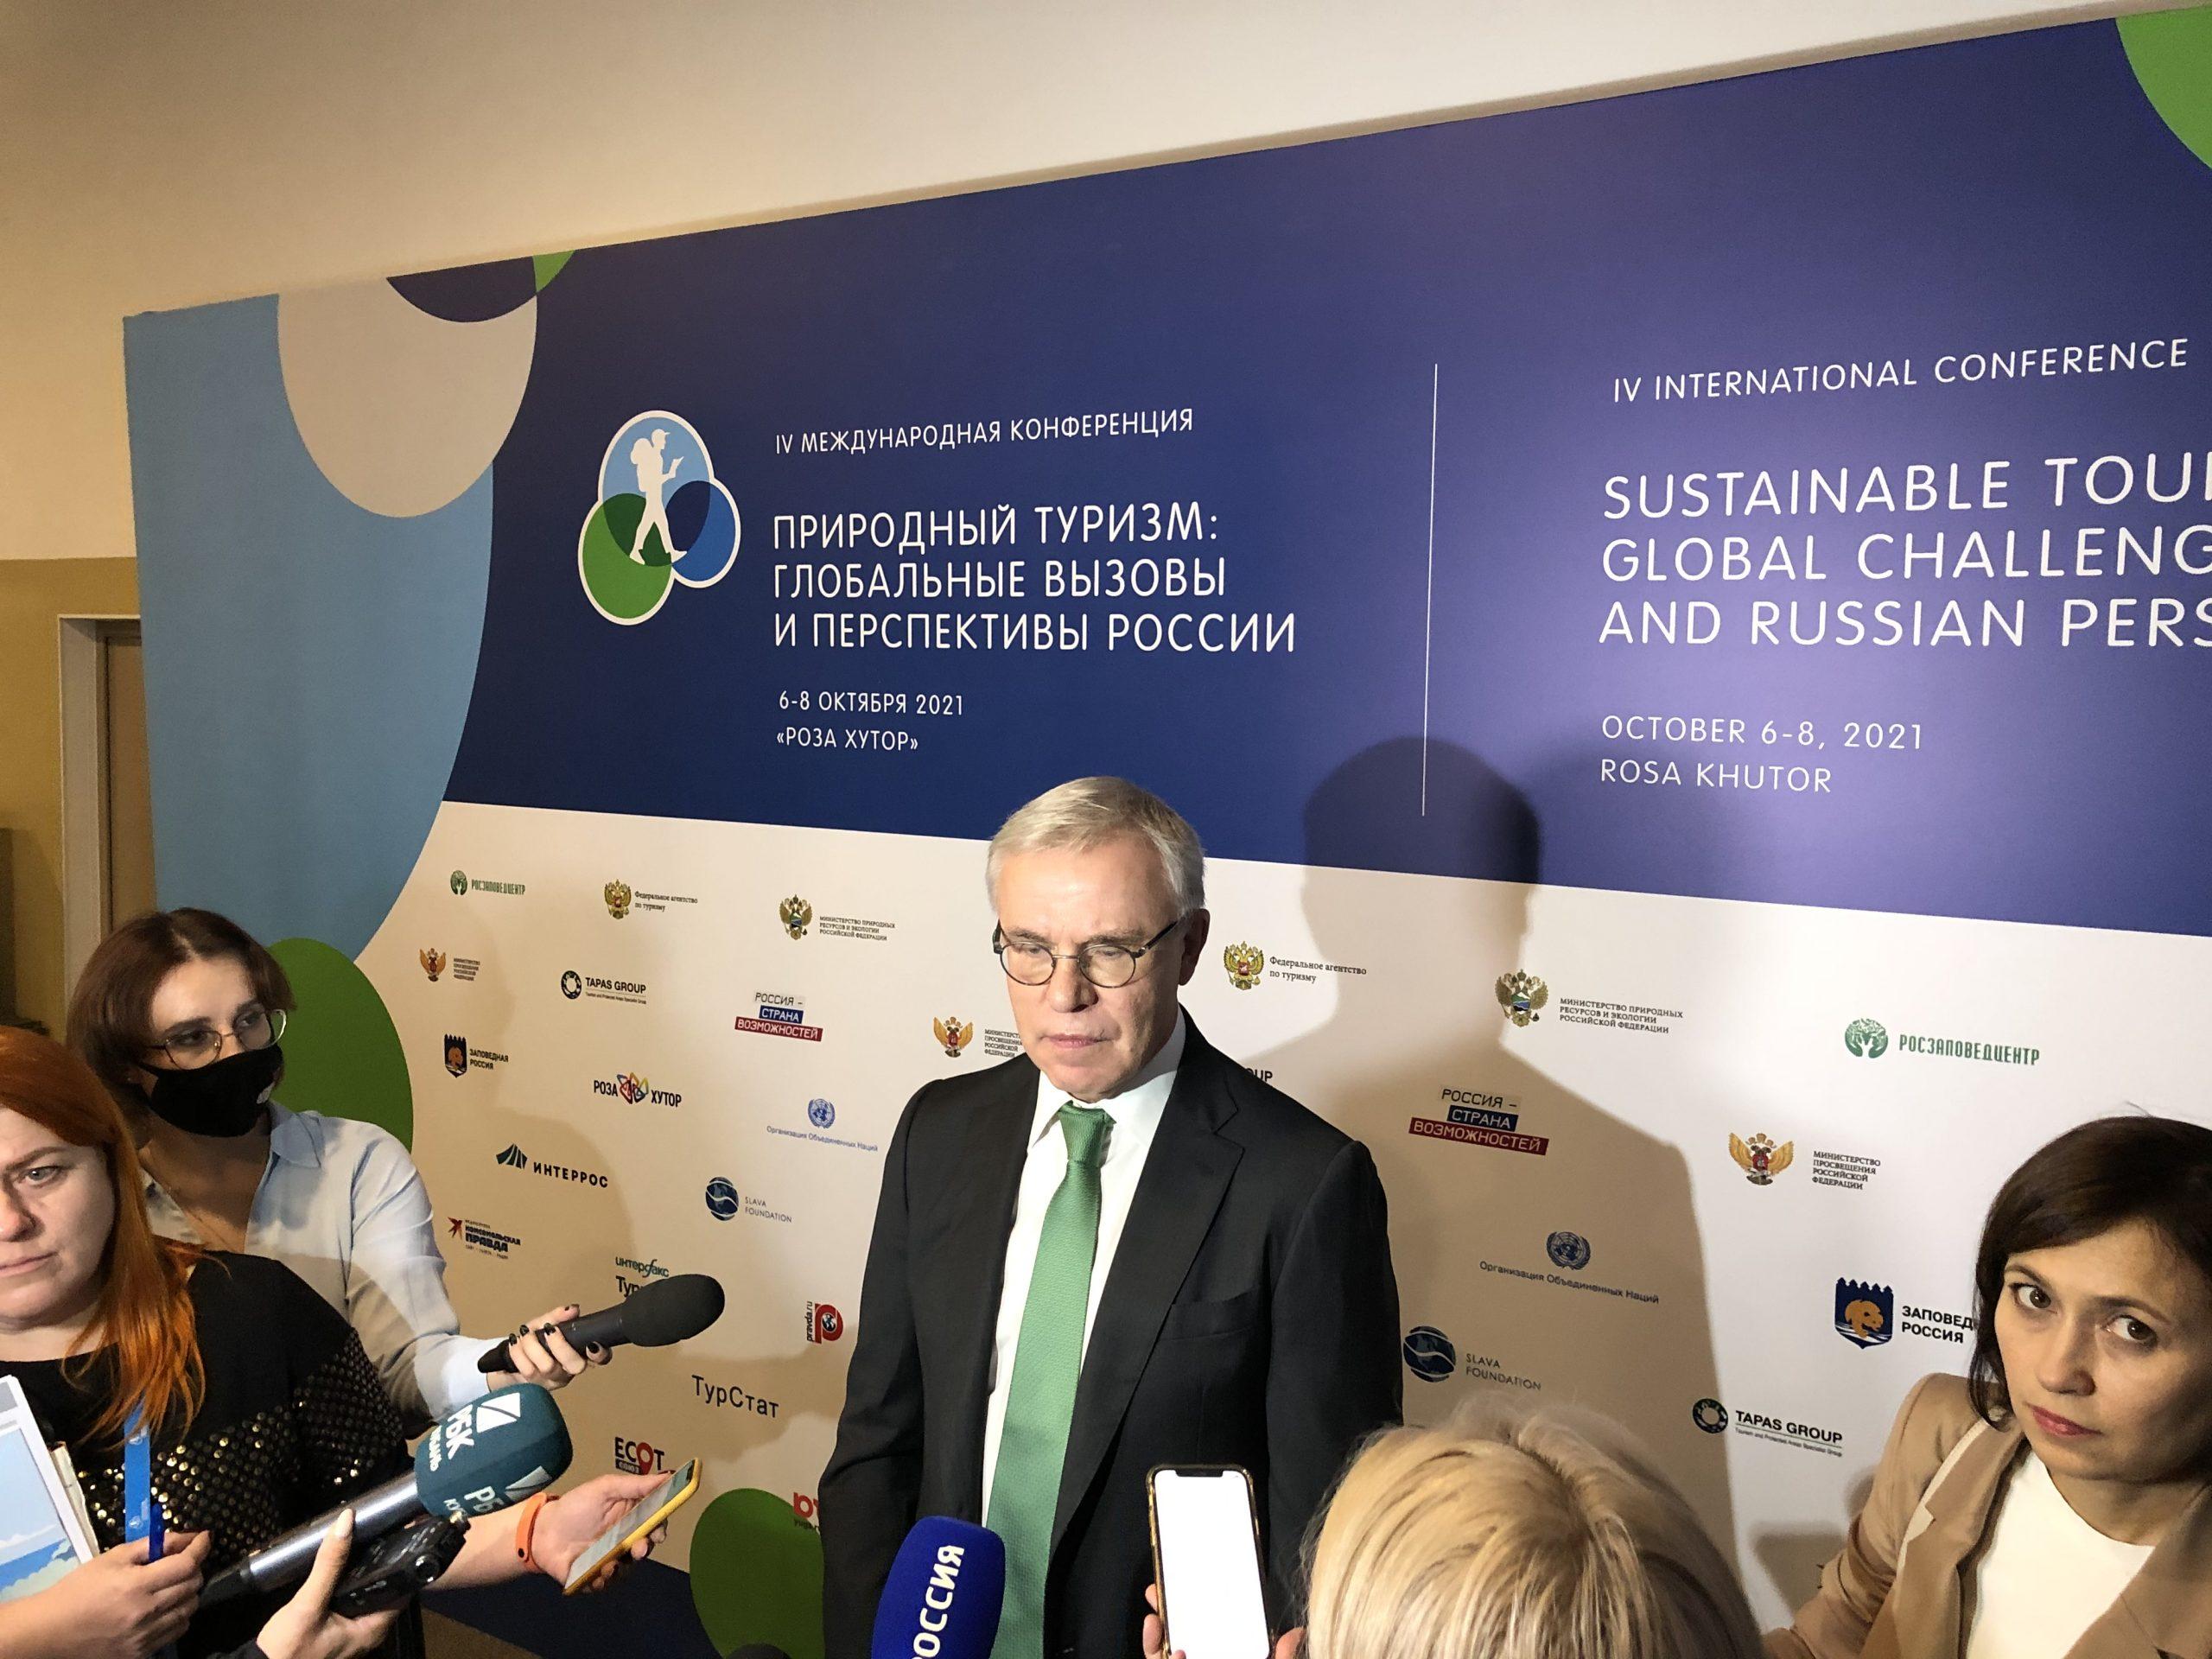 Вячеслав Фетисов Выступил на Конференции про Эко-Туризм на «Роза Хутор»